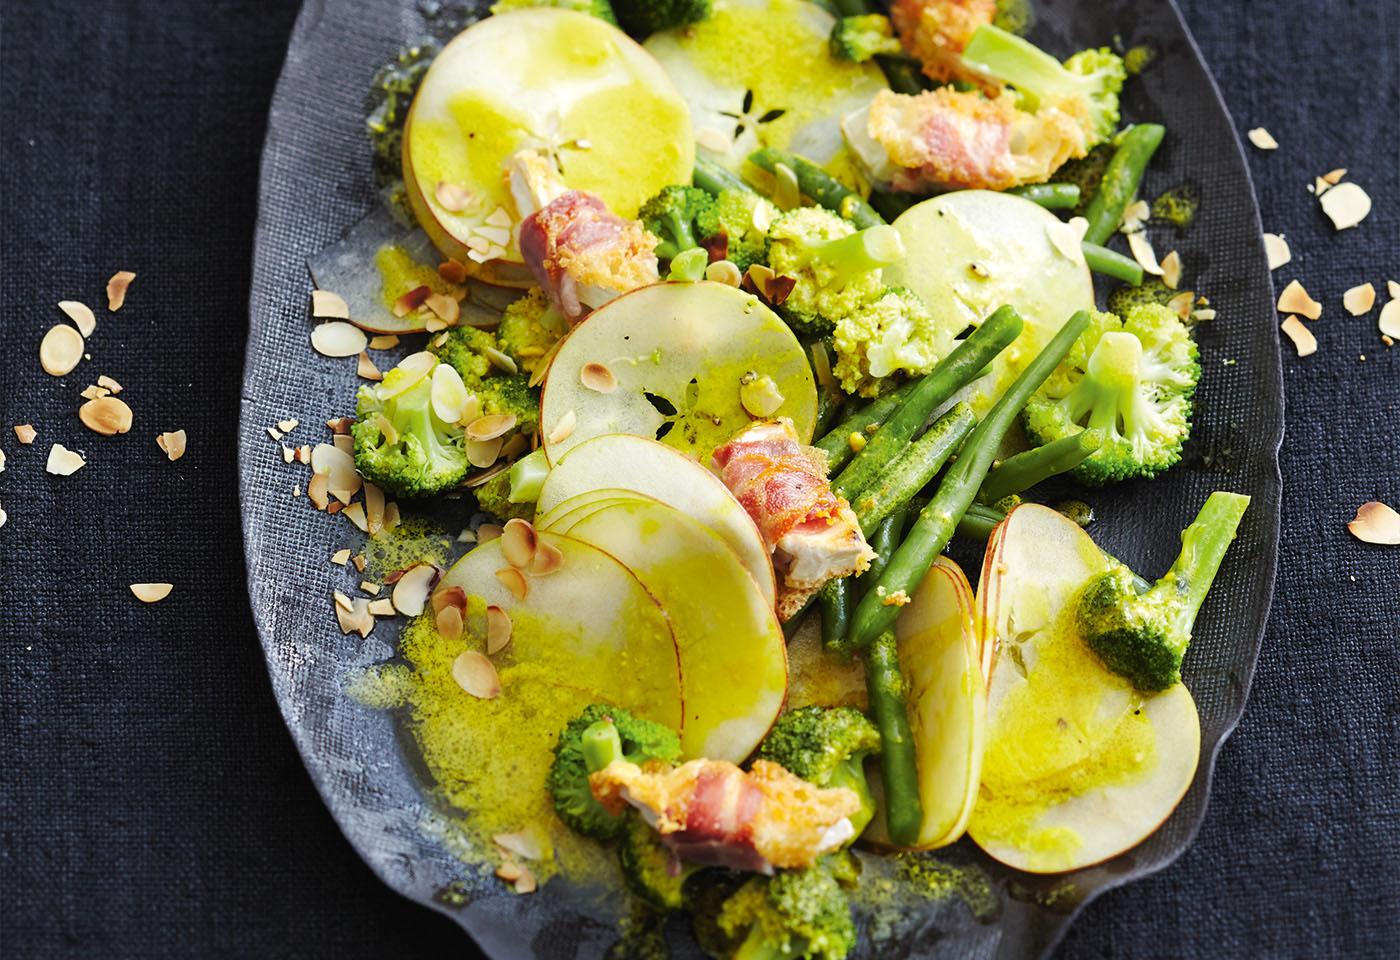 brokkoli apfel salat mit ziegenk se im speckmantel frisch gekocht. Black Bedroom Furniture Sets. Home Design Ideas